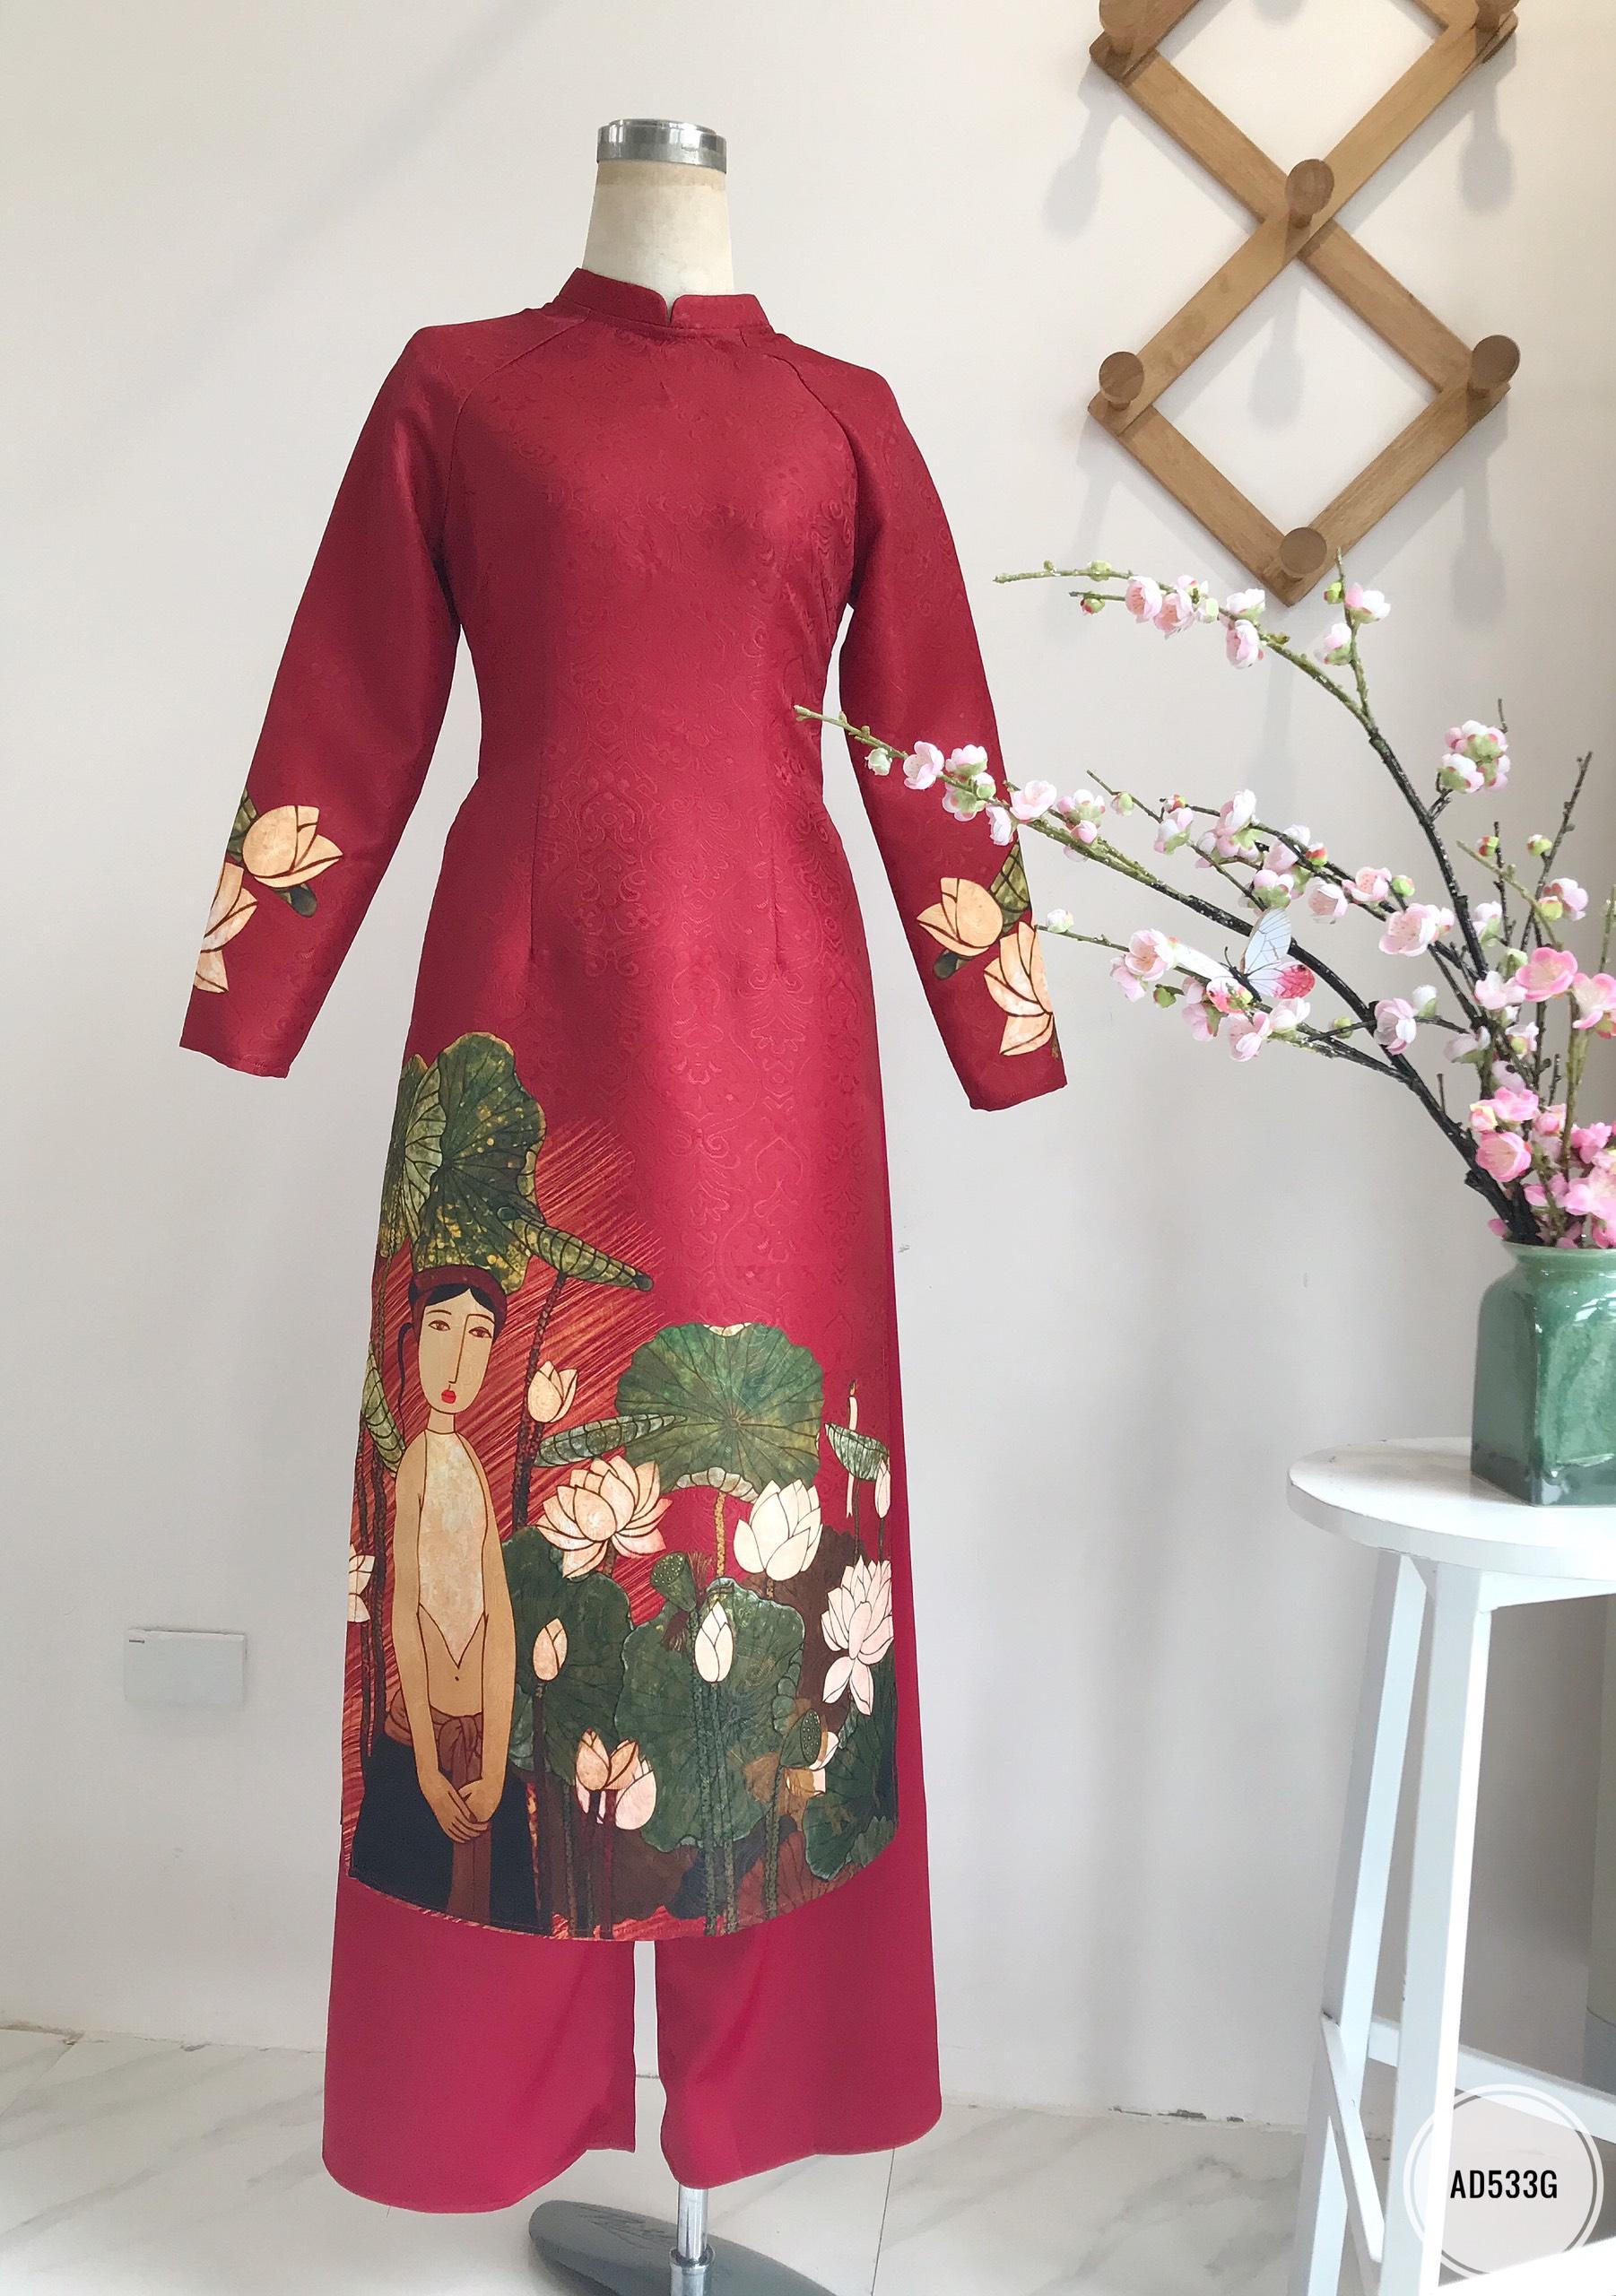 Sét áo dài in hình cô gái và hoa sen vải gấm